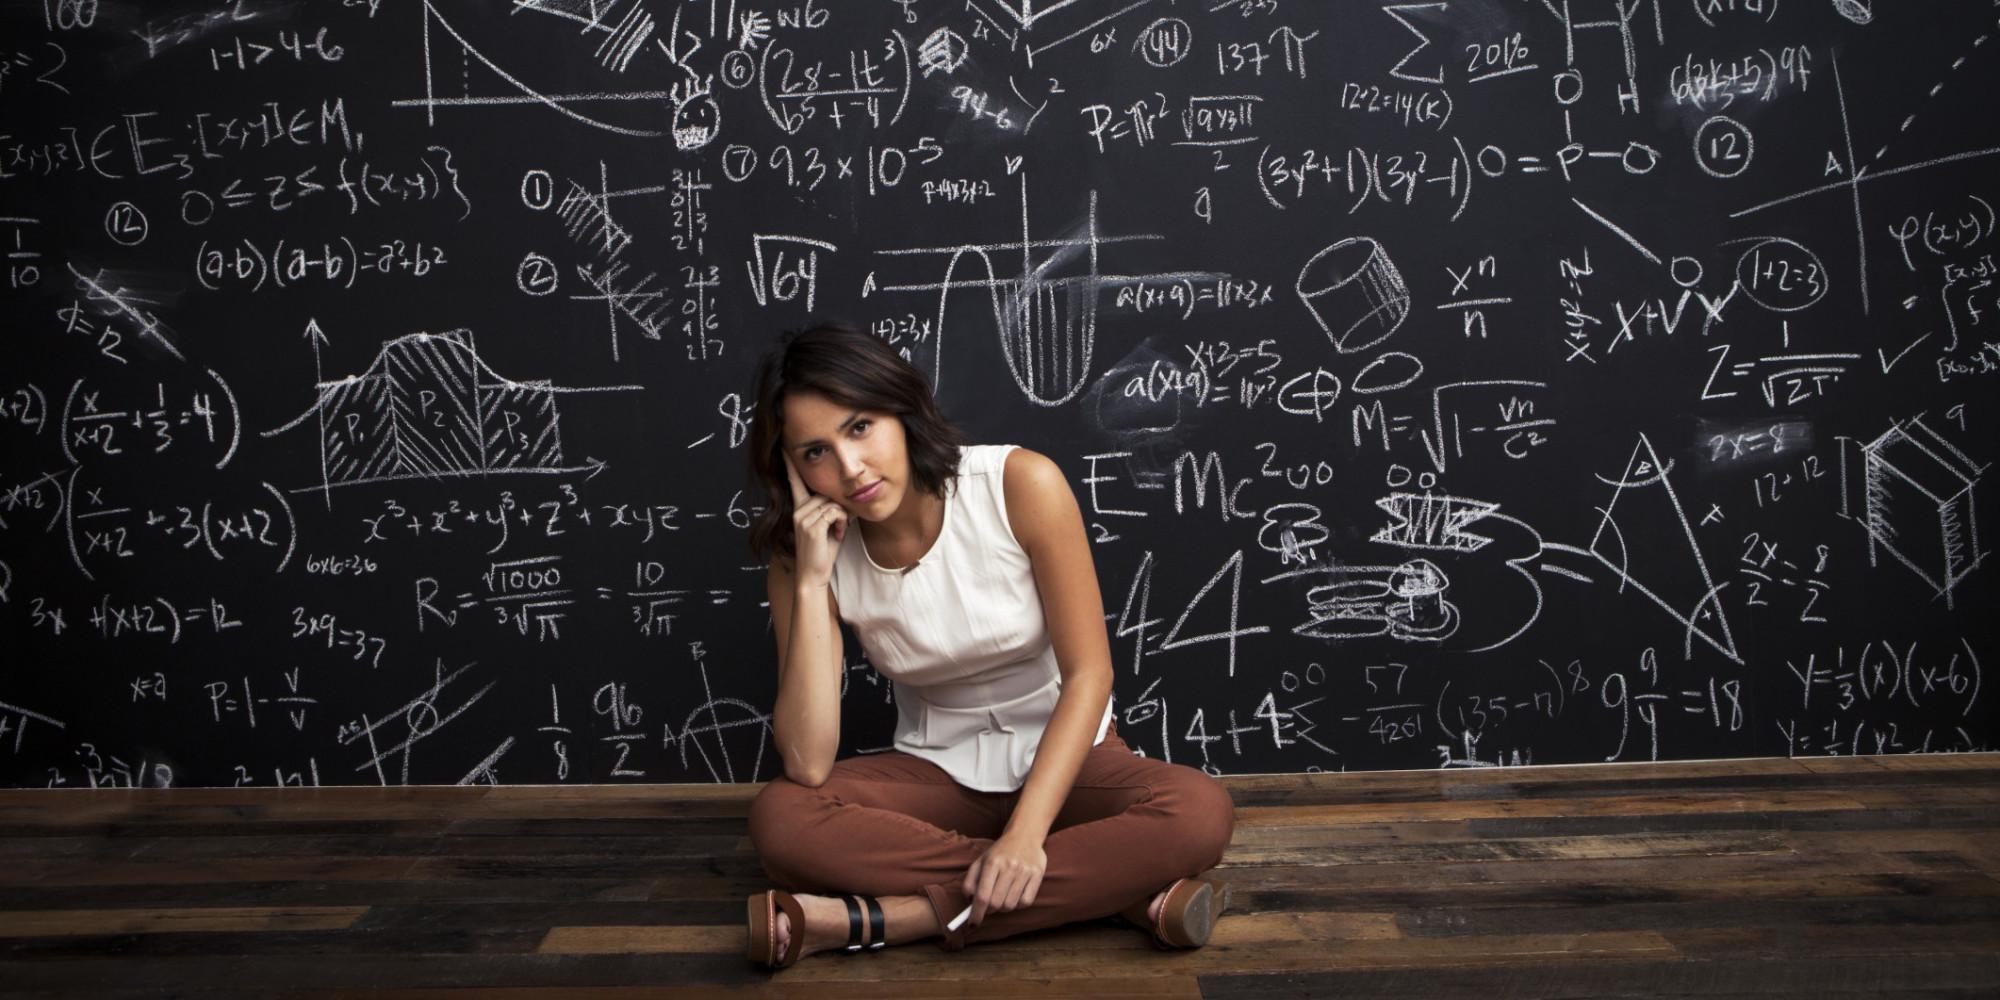 hot girls doing math